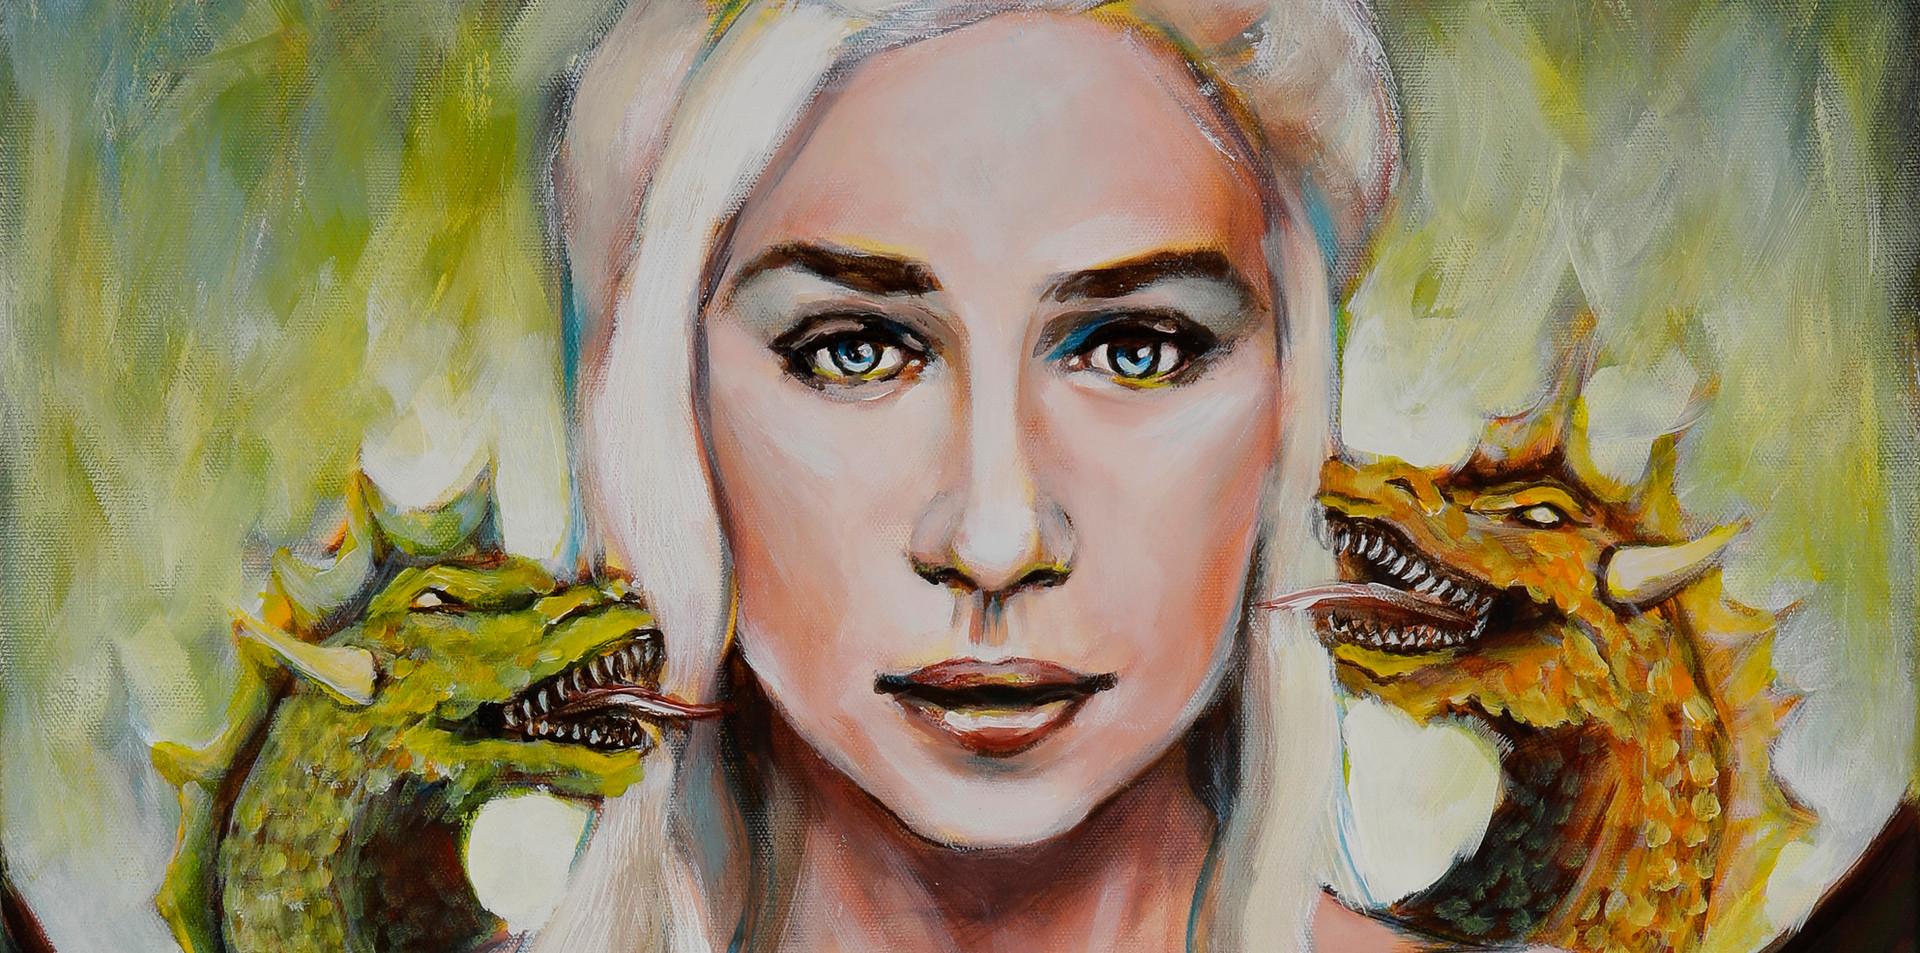 Daenerys' Sacred Heart